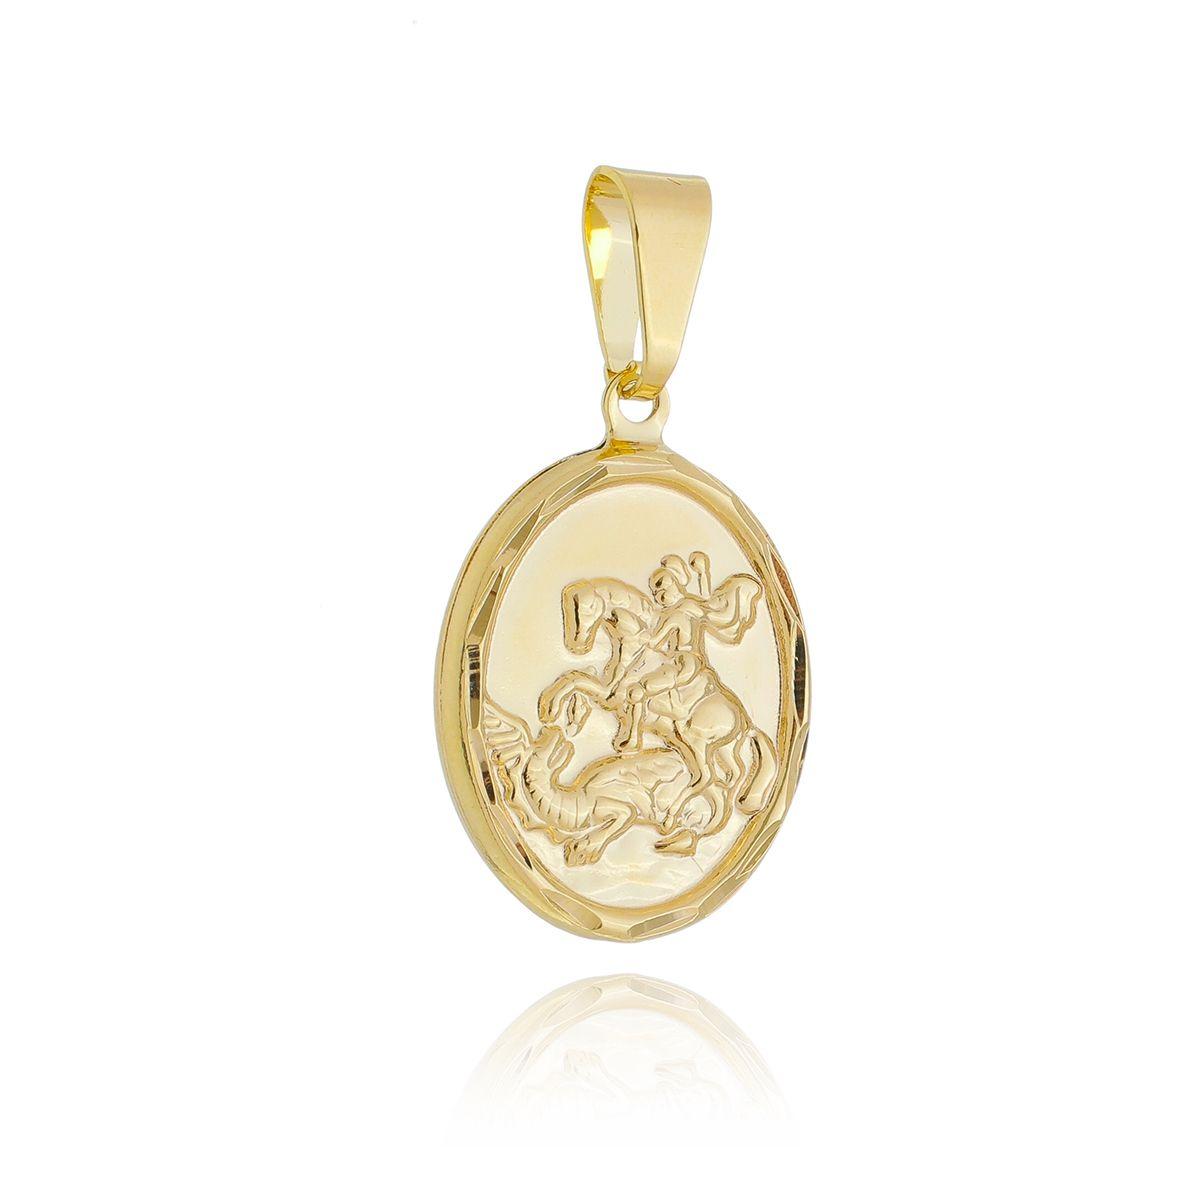 Pingente Medalha São Jorge Borda Diamantada Banhado Ouro 18K